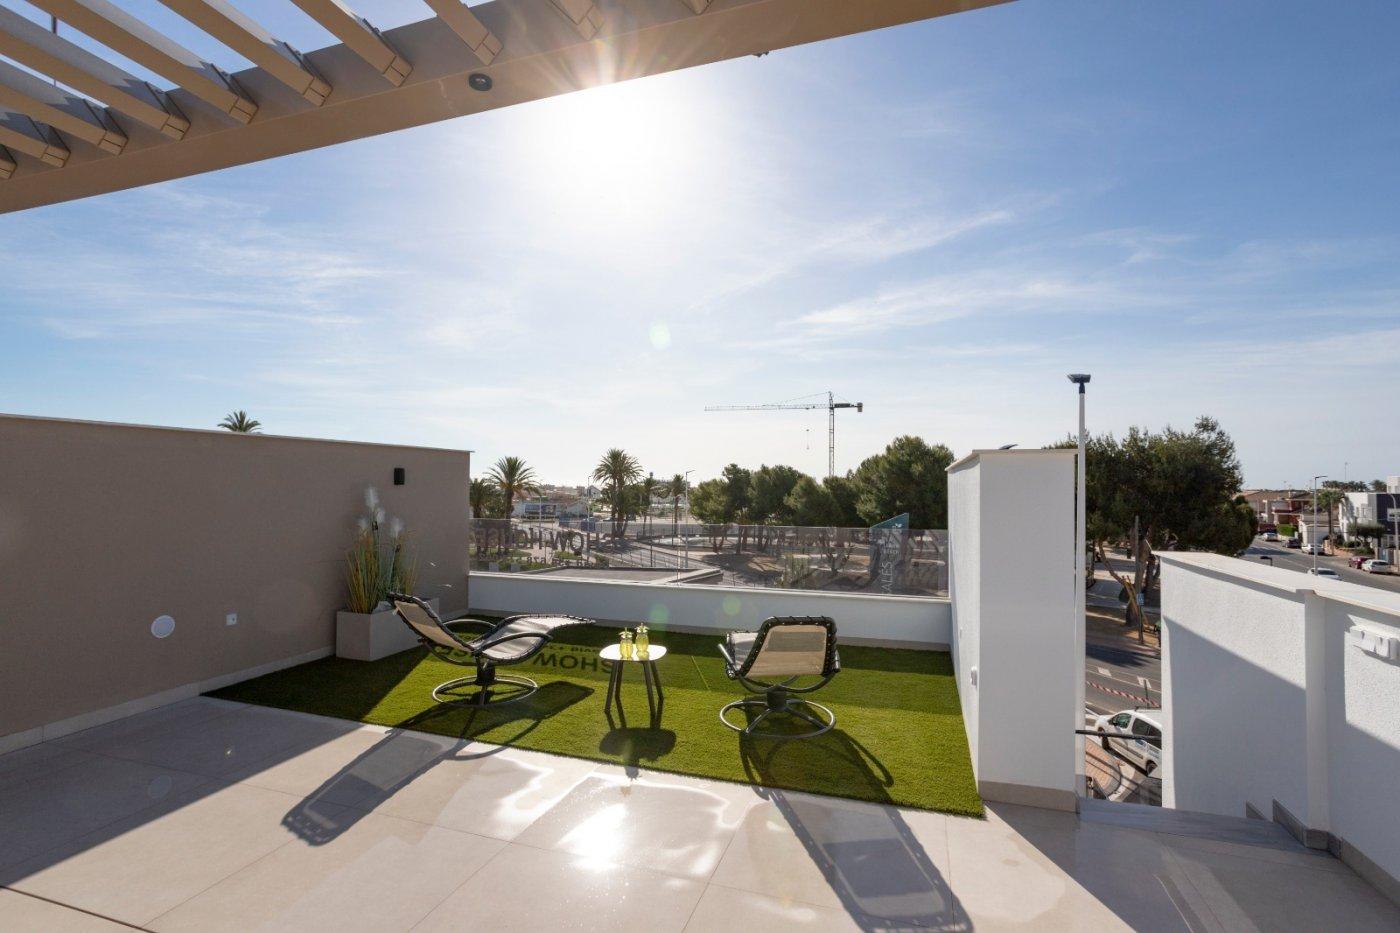 Apartamento moderno en san pedro del pinatar - imagenInmueble26